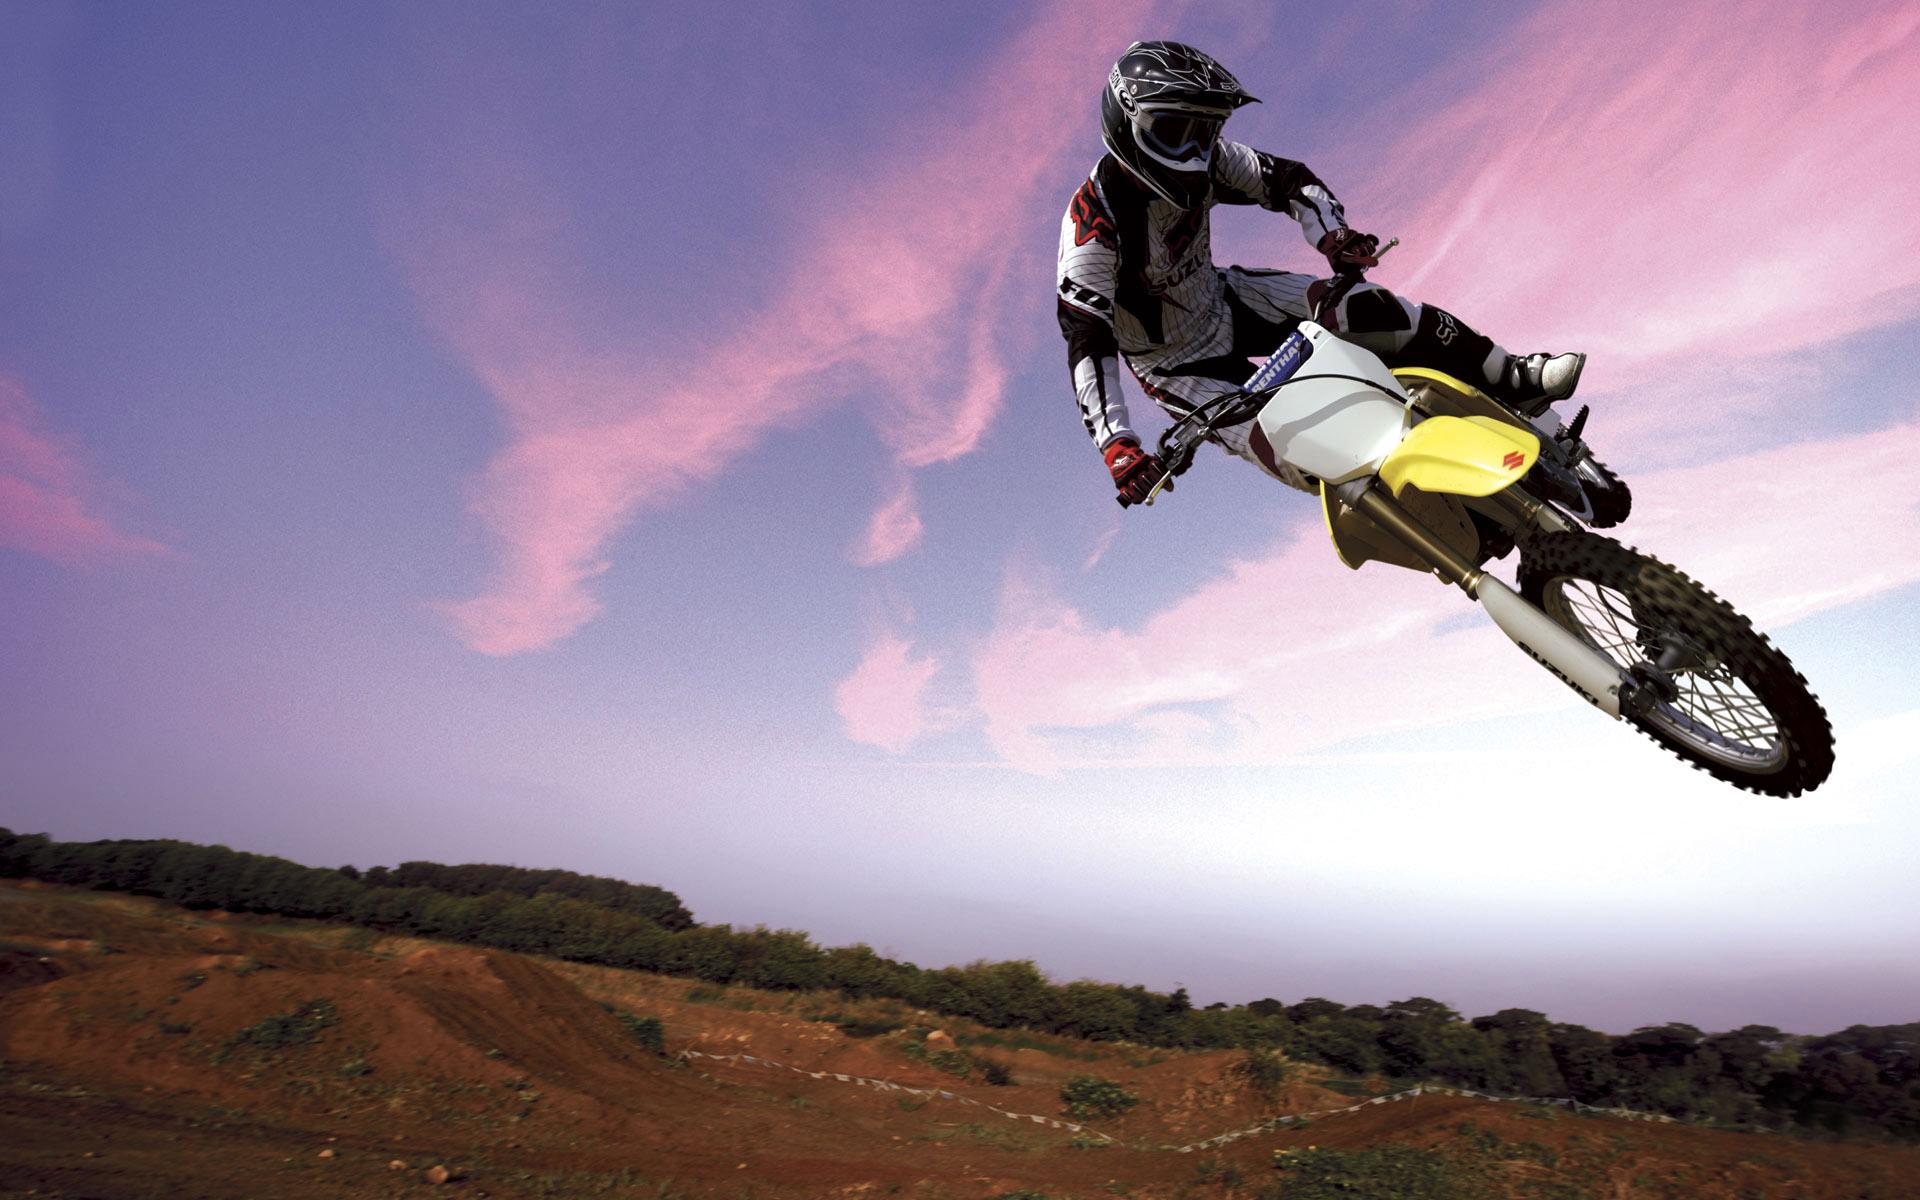 Motocross Bike in Sky Wallpapers HD Wallpapers 1920x1200